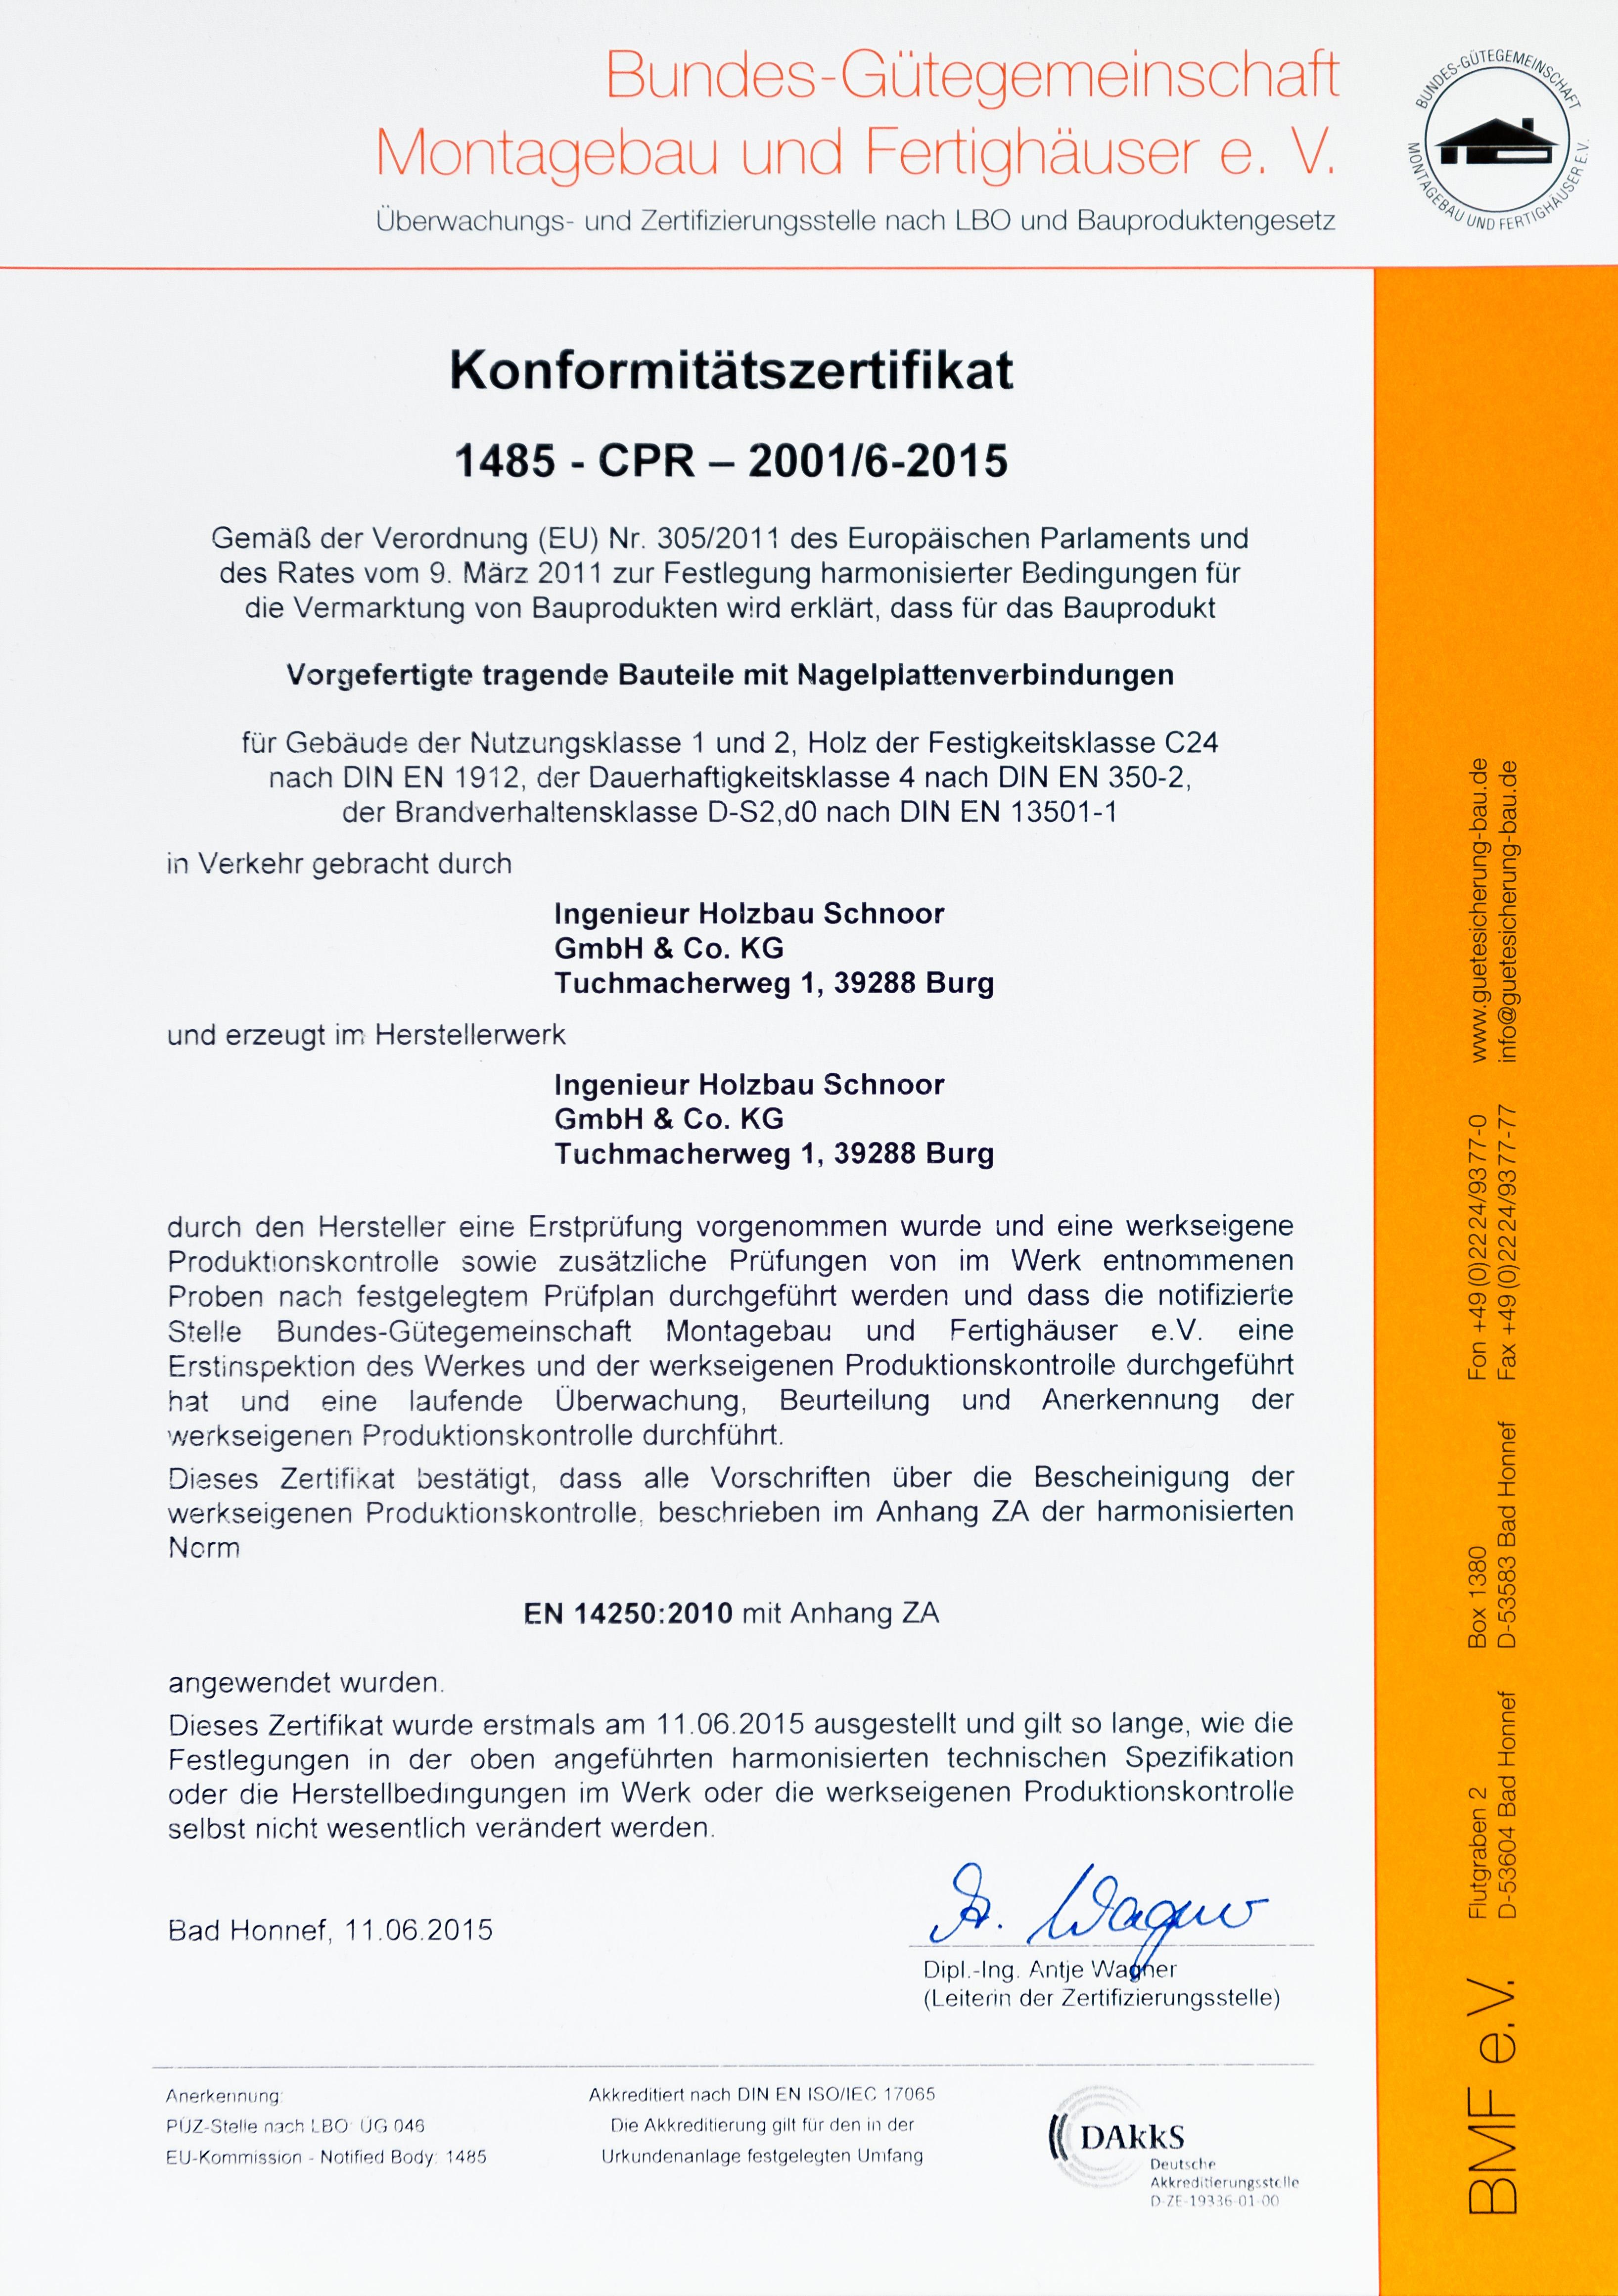 3-GIN_SCHNOOR_Zertifikat.jpg